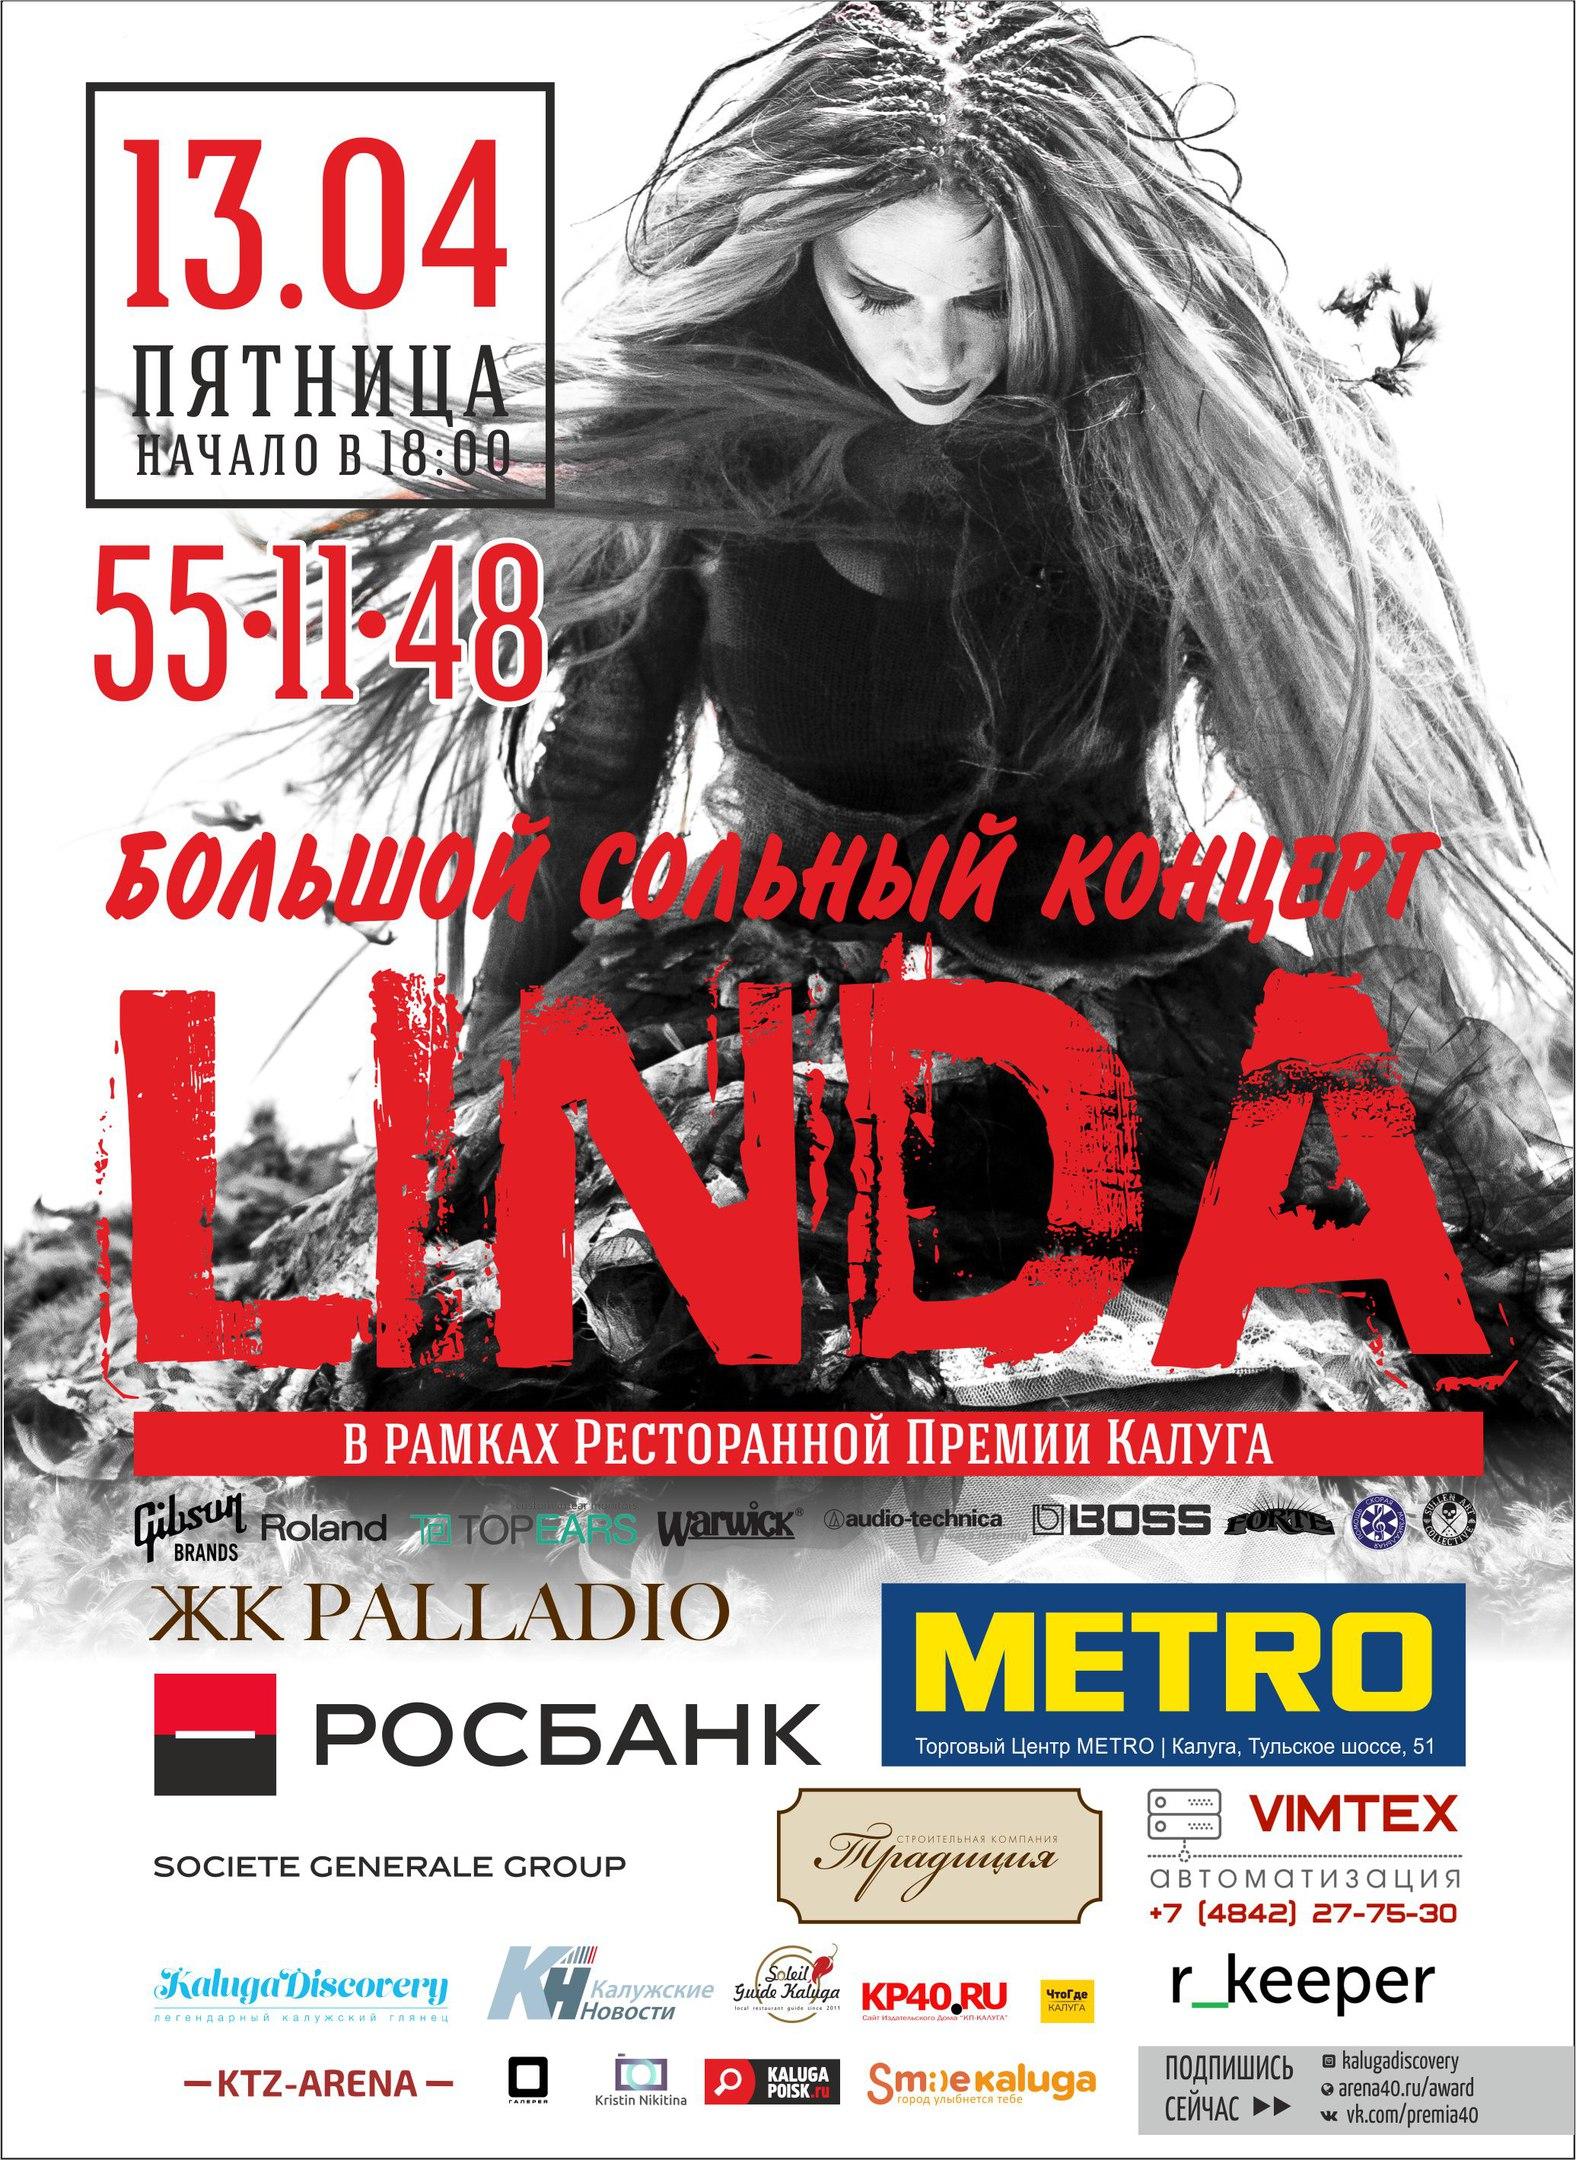 Концерт Линды. Ресторанная премия Калуга